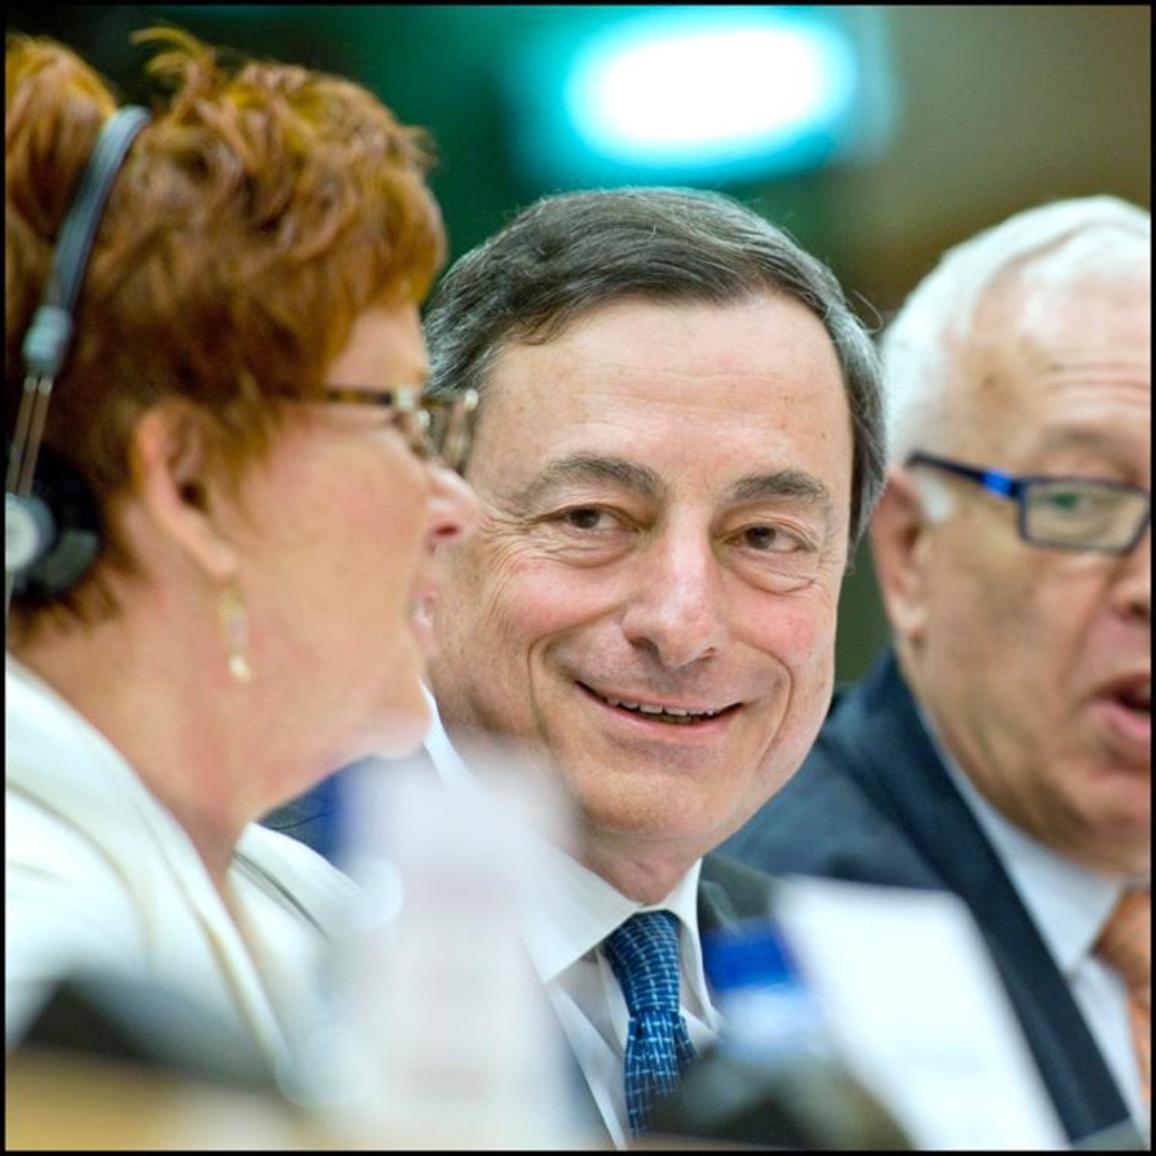 Mario Draghi überzeugte als Kandidat für die Leitung der Europäischen Zentralbank